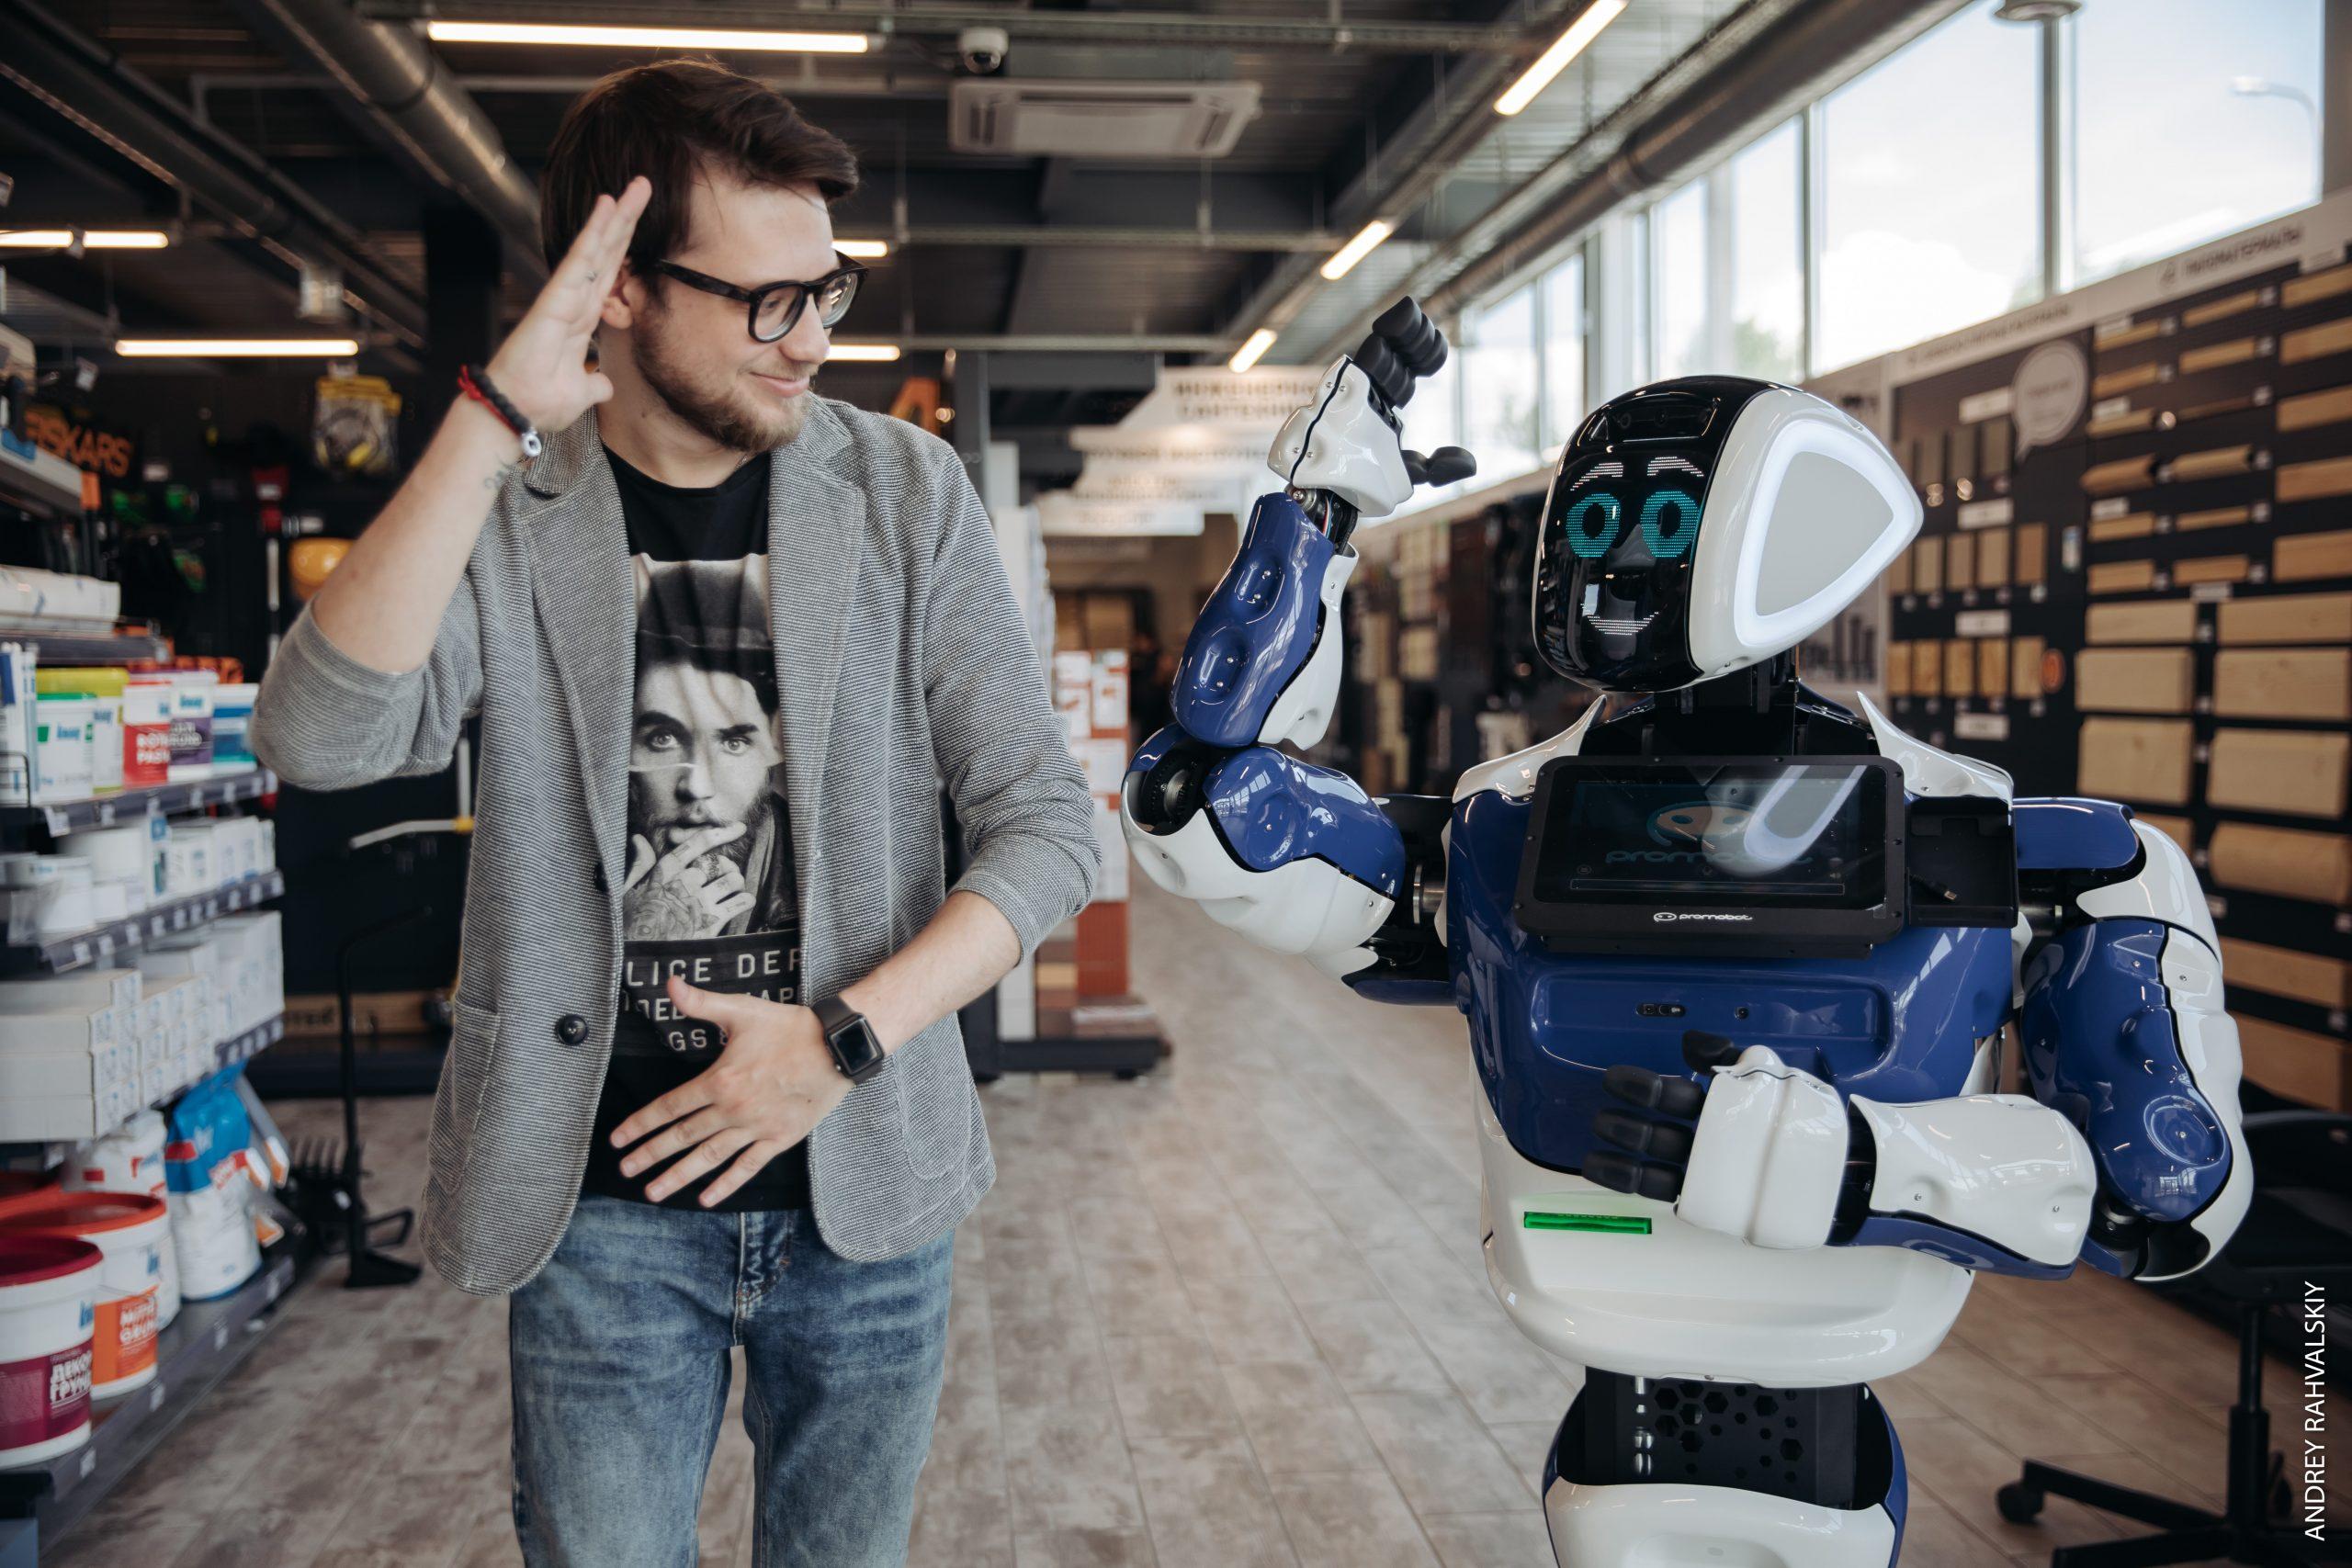 Робот промобот танцует с мужчиной в строительном магазине